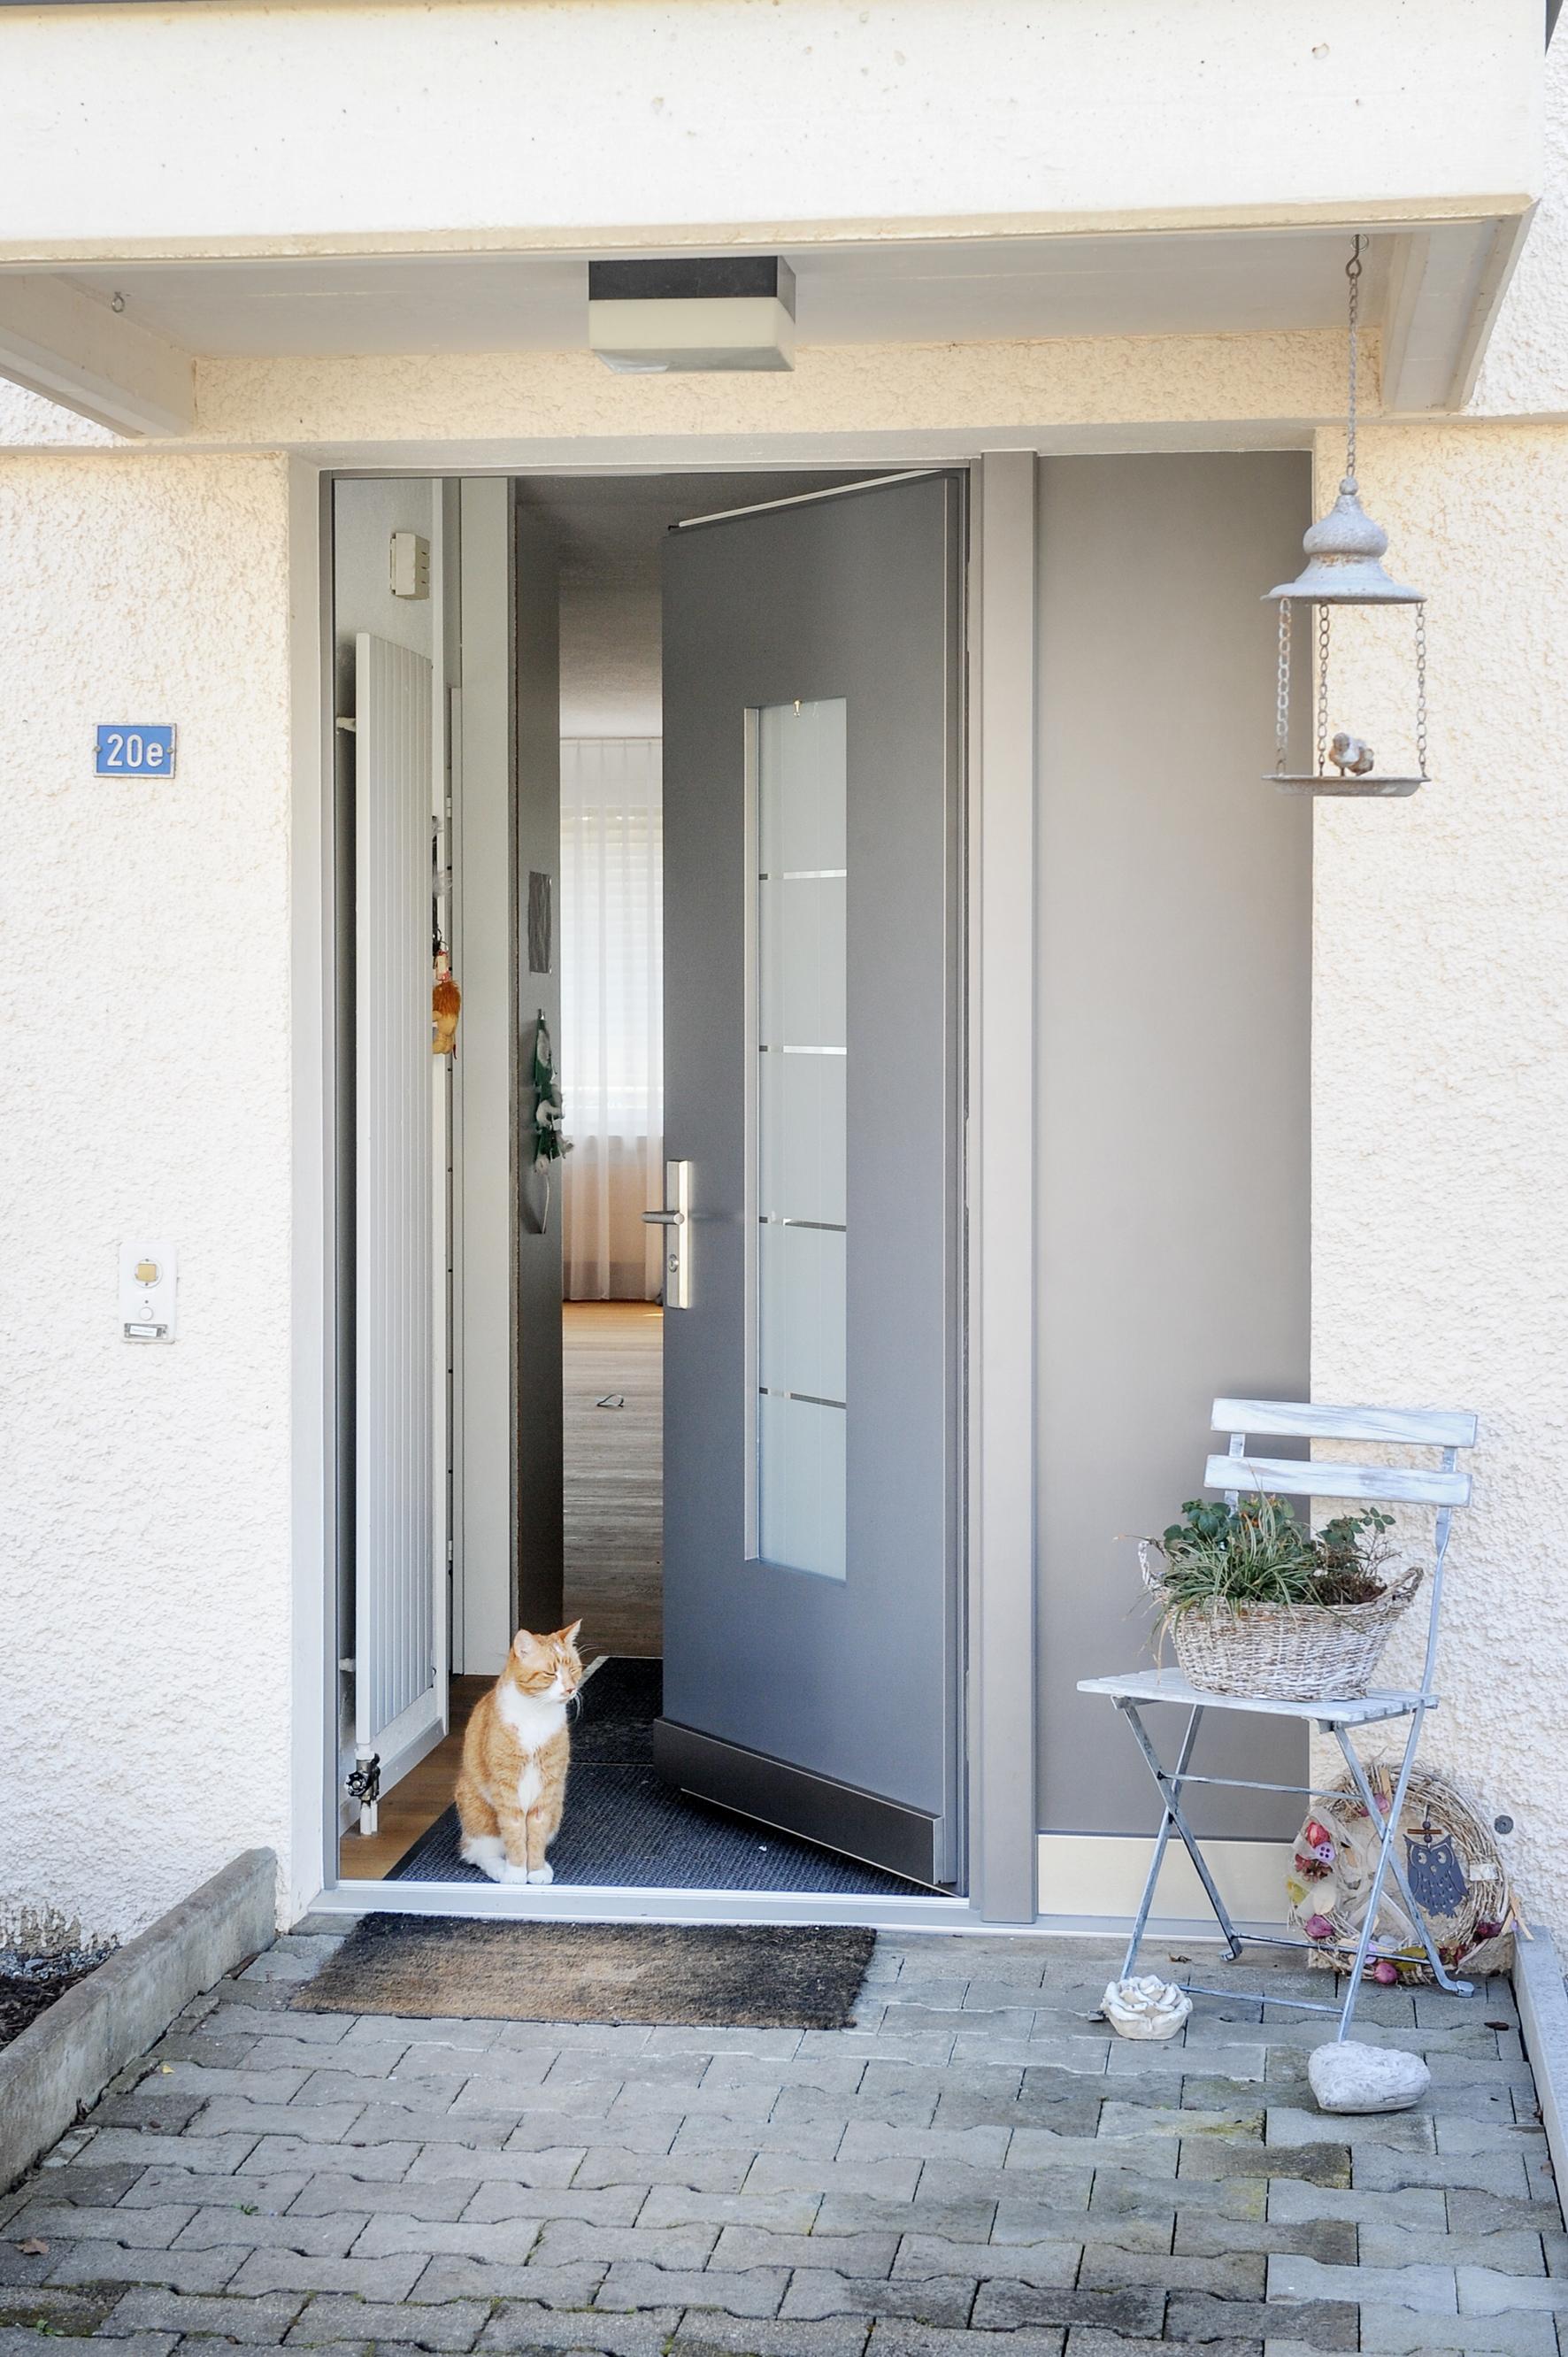 Einfache Haustür mit eingebautem Fenster